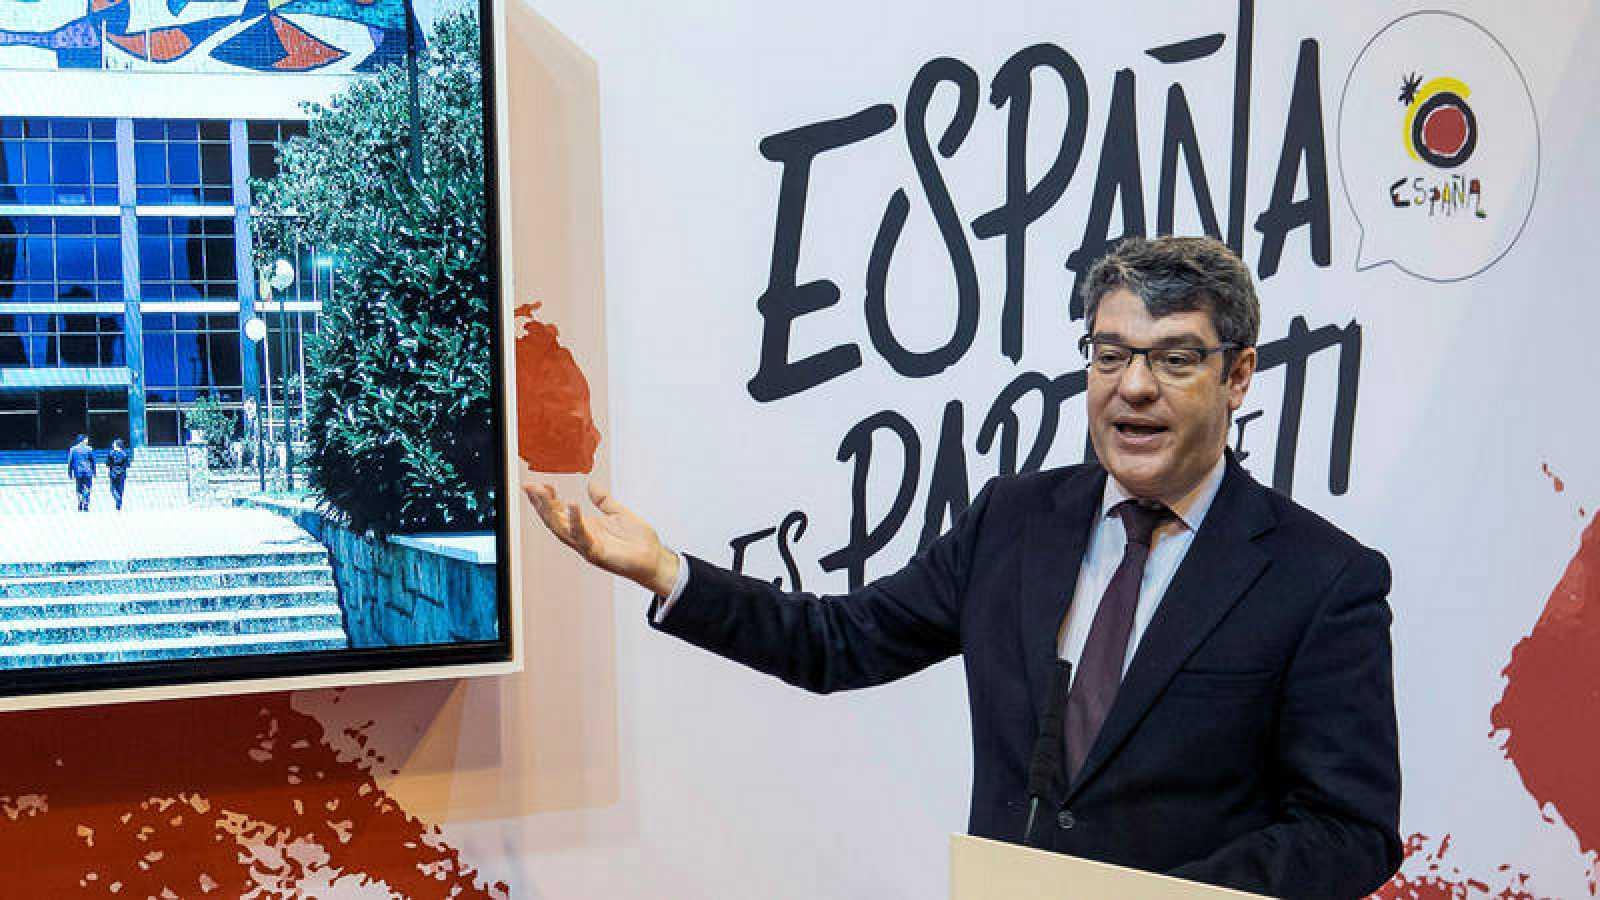 El ministro de Energía, Álvaro Nadal, en una imagen reciente.